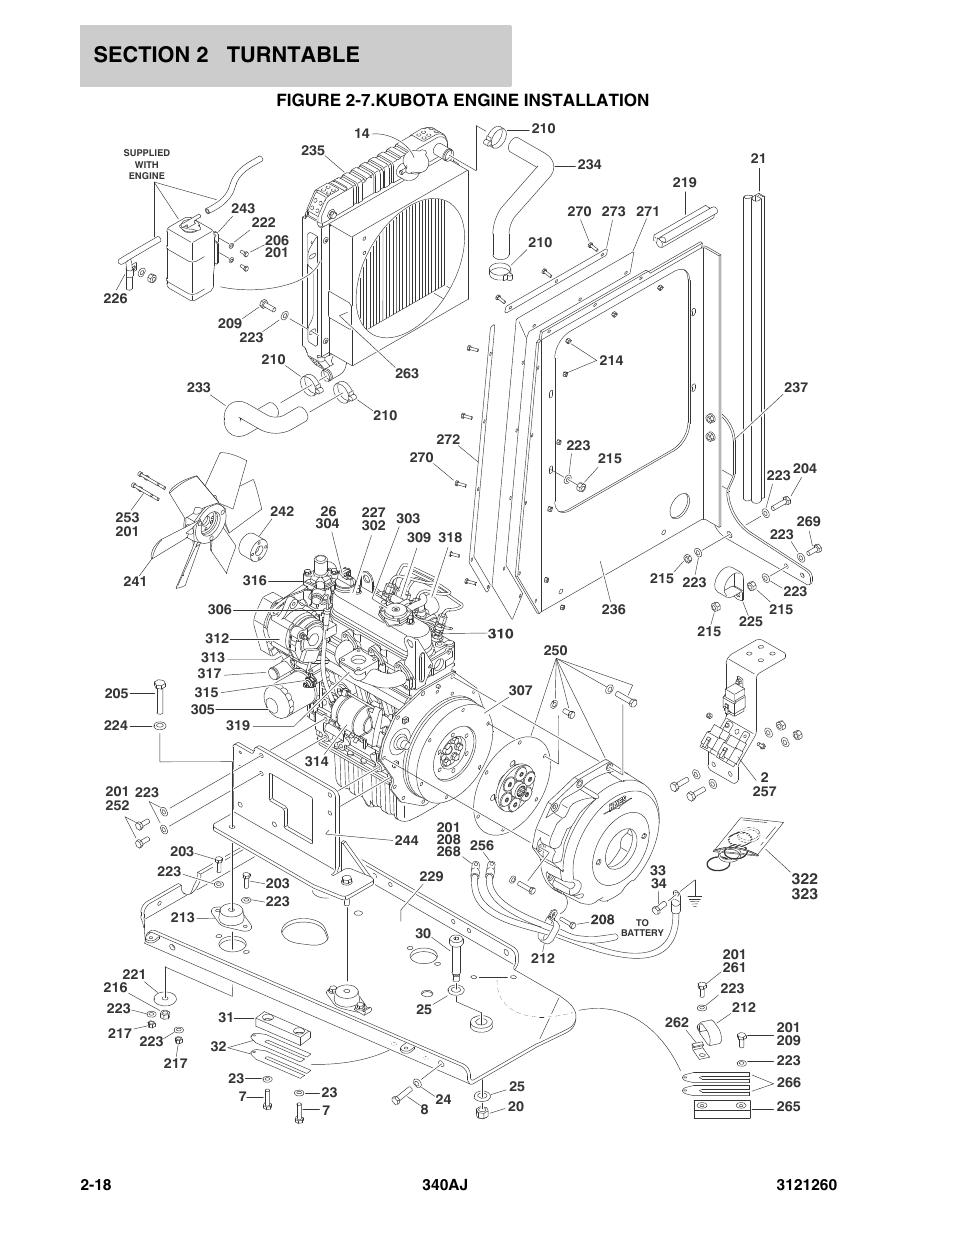 Figure 2-7. kubota engine installation, Kubota engine